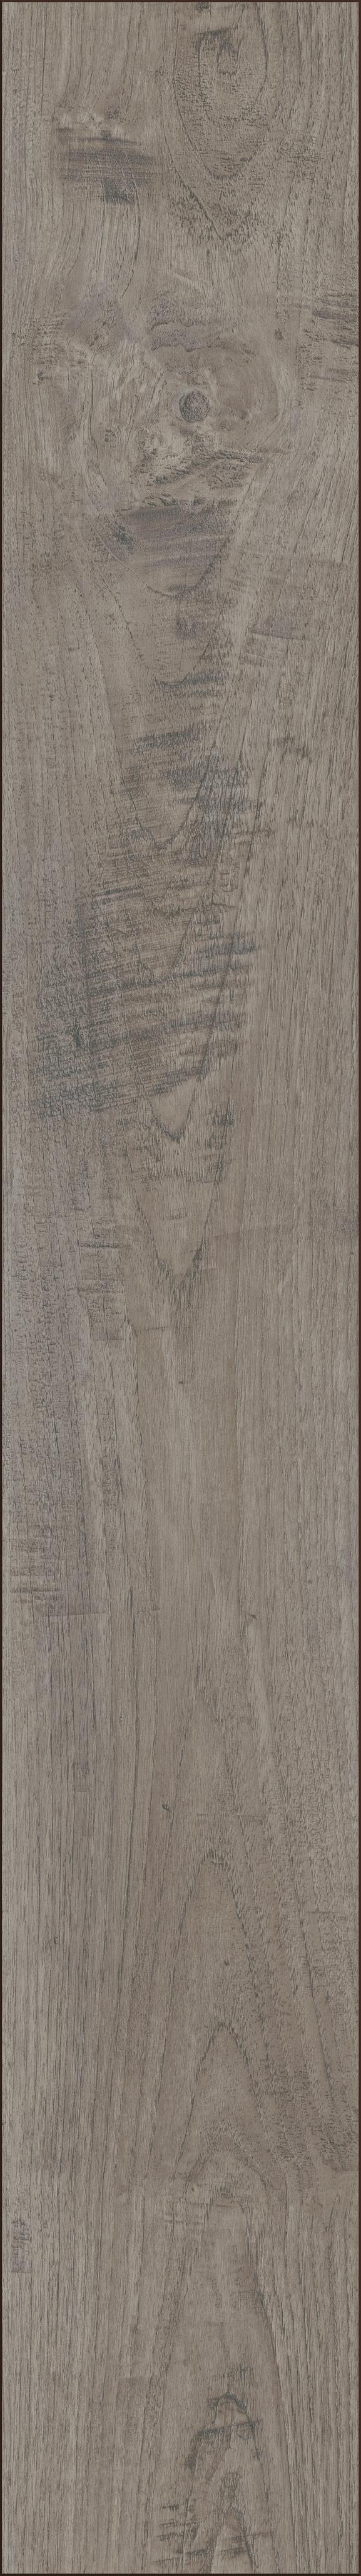 kronotex exquisit laminat nostalgie teak silber d 3242. Black Bedroom Furniture Sets. Home Design Ideas